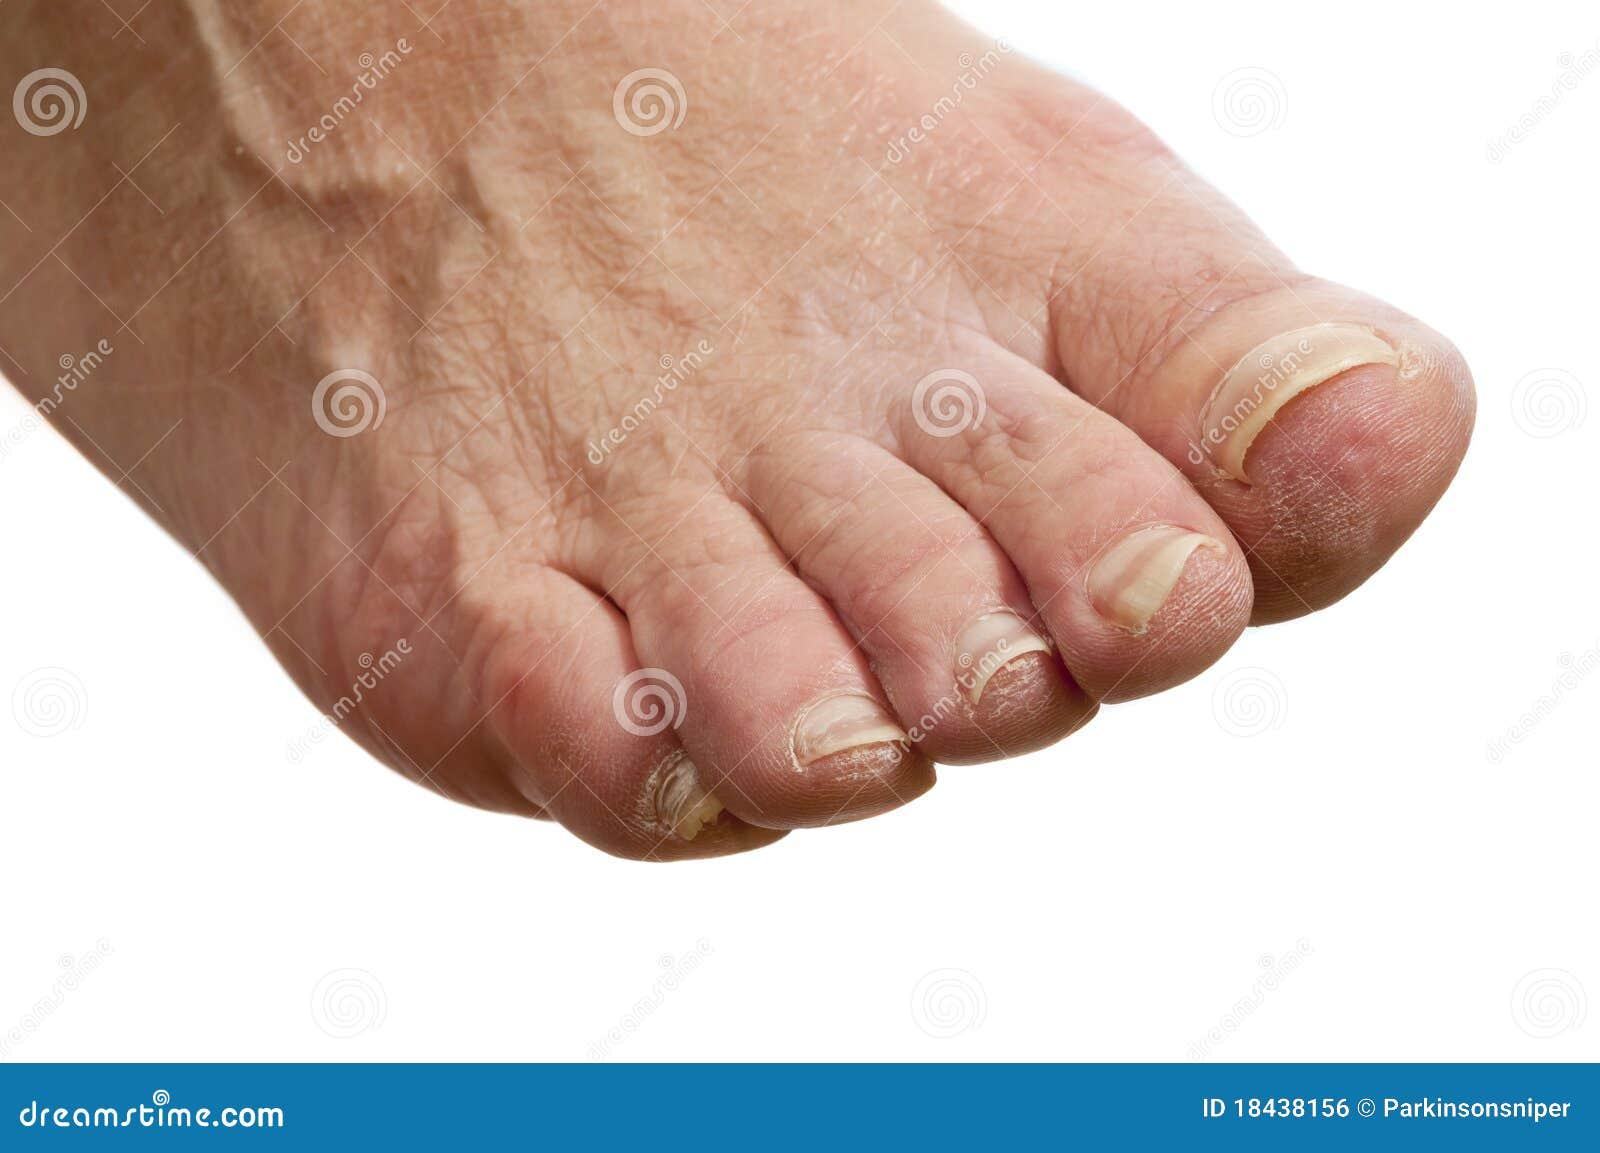 is peeling skin bad